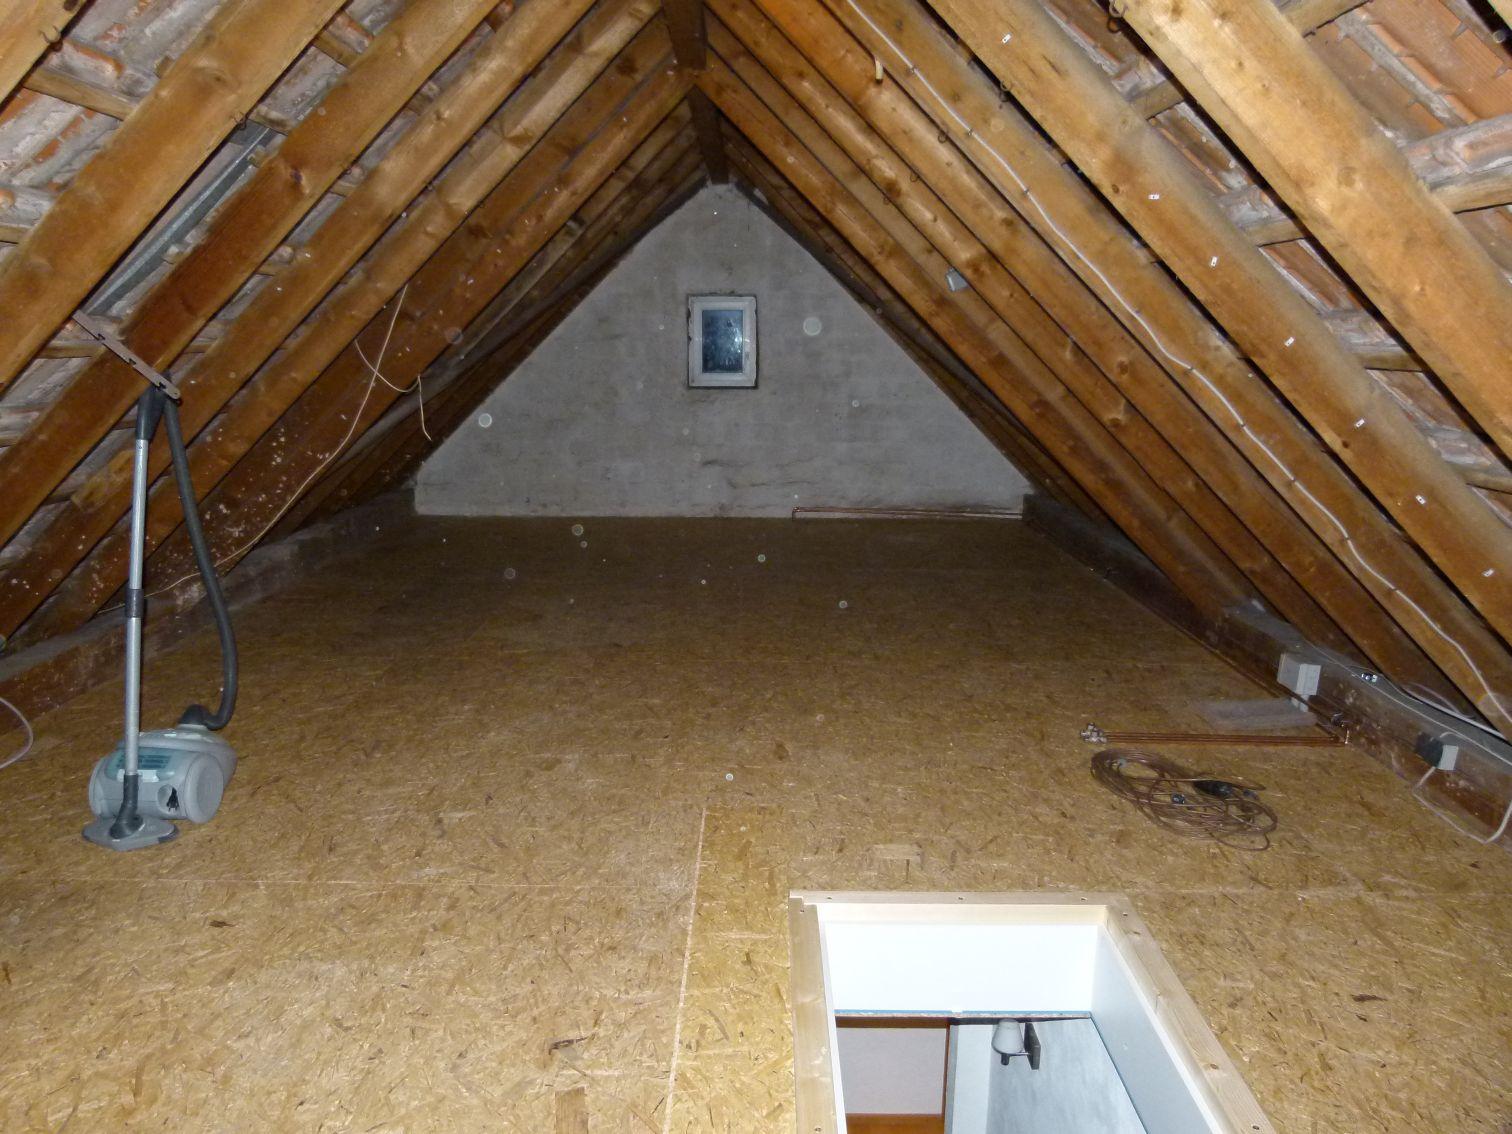 20 Ideen Für Osb Platten Als Bodenbelag Dachboden Beste Bodenbelag